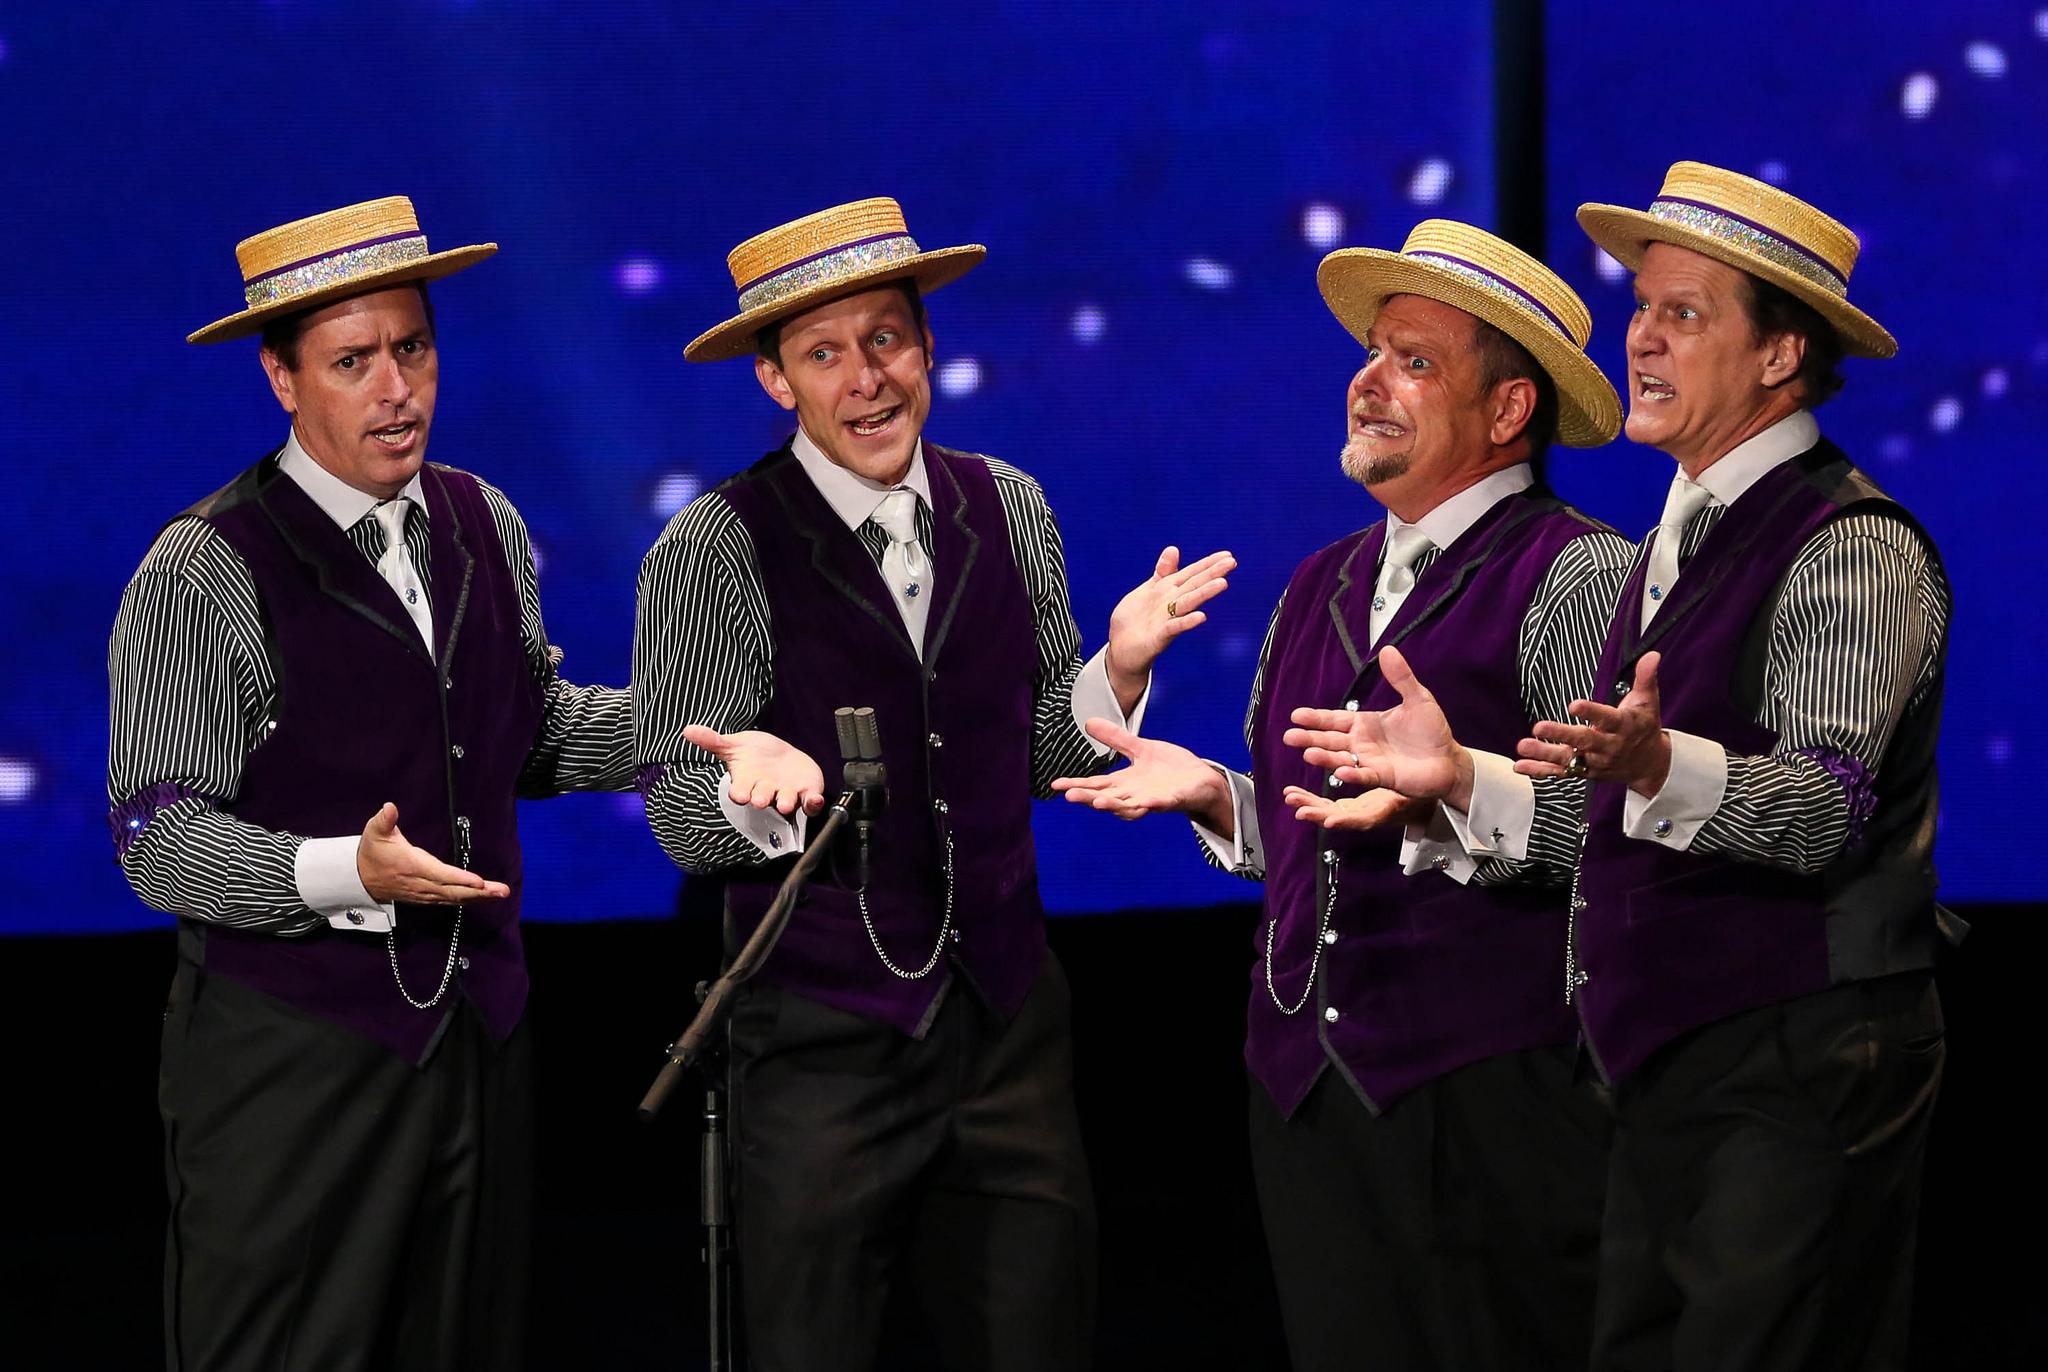 The Joy of Singing 2008  imdbcom